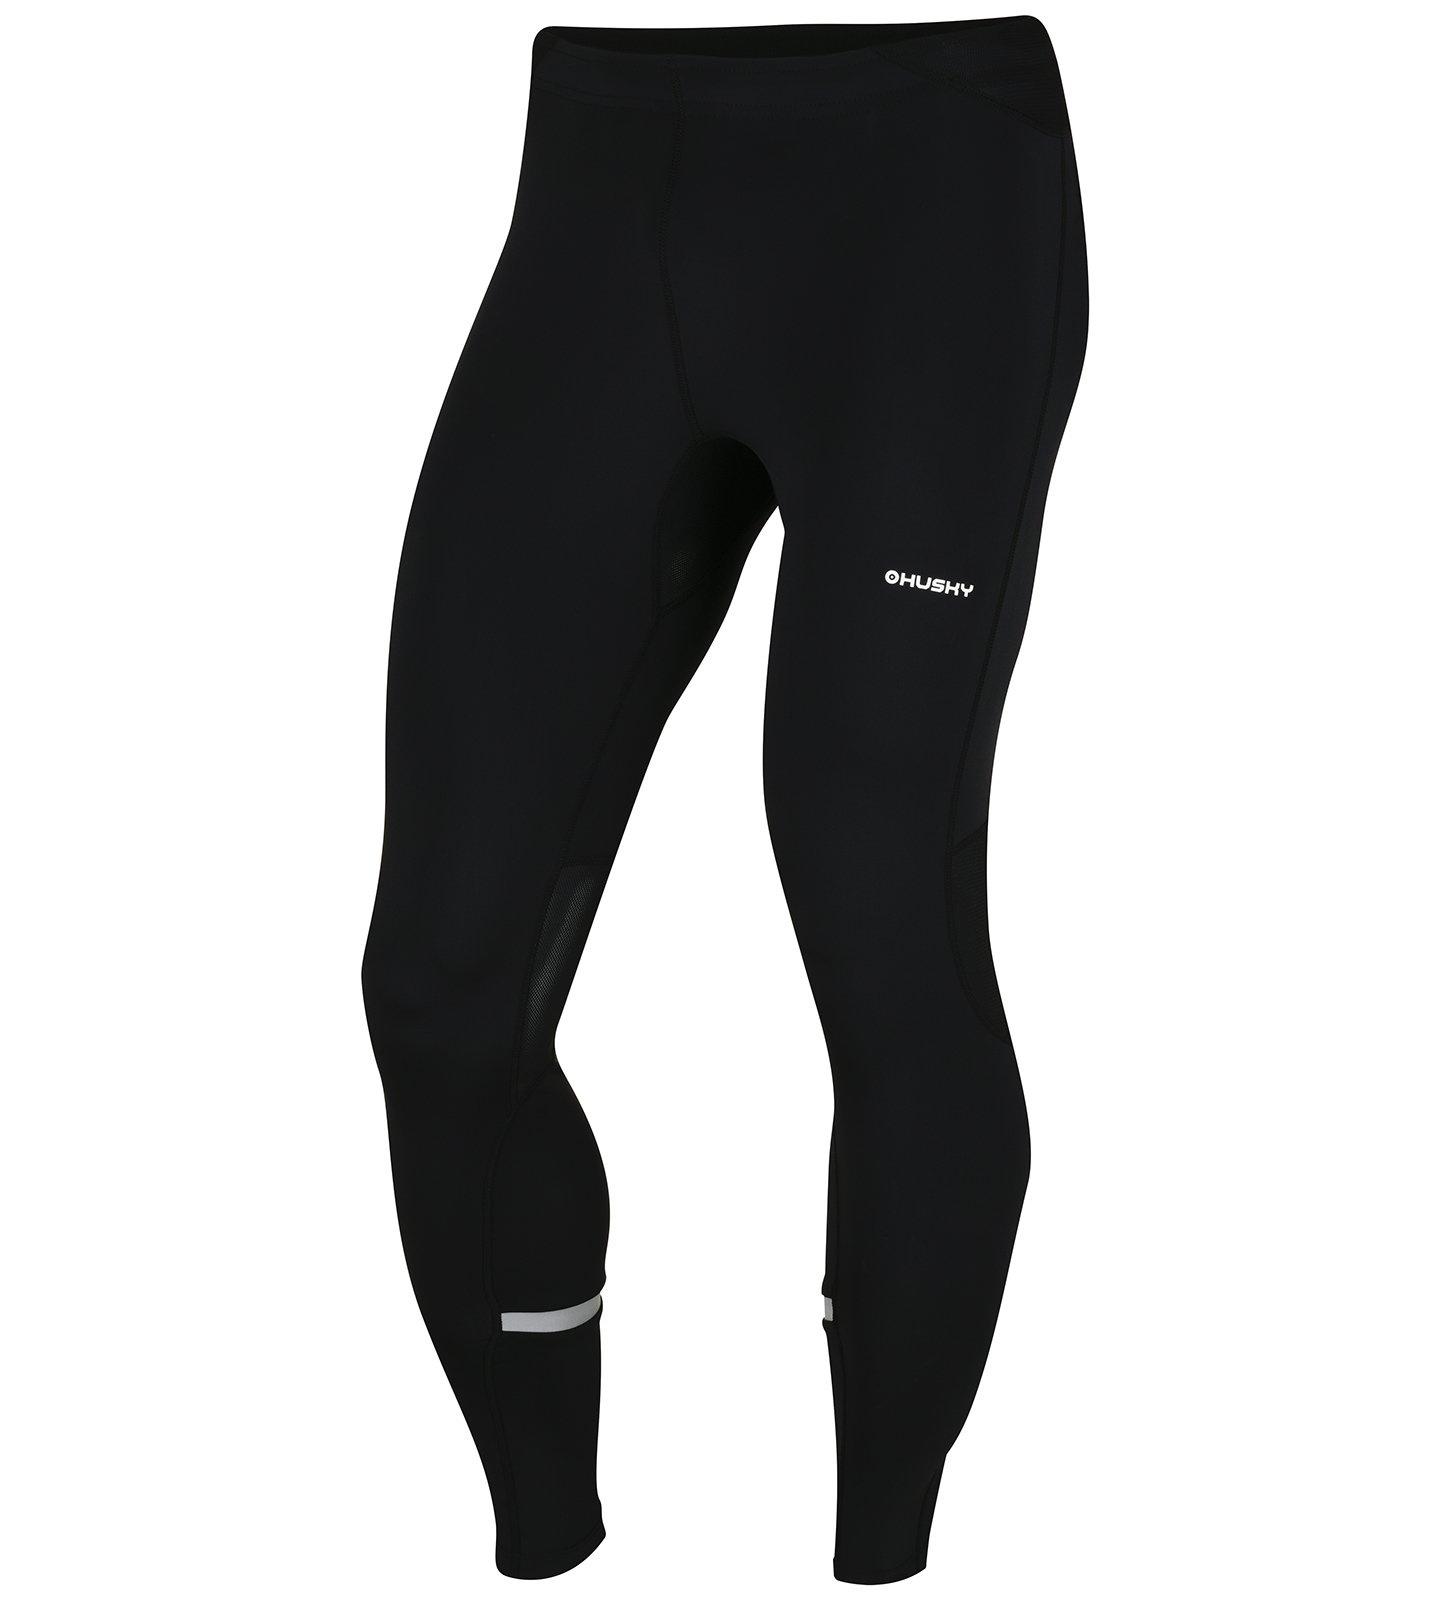 Husky Darby Long M čierna, XL Pánske športové nohavice